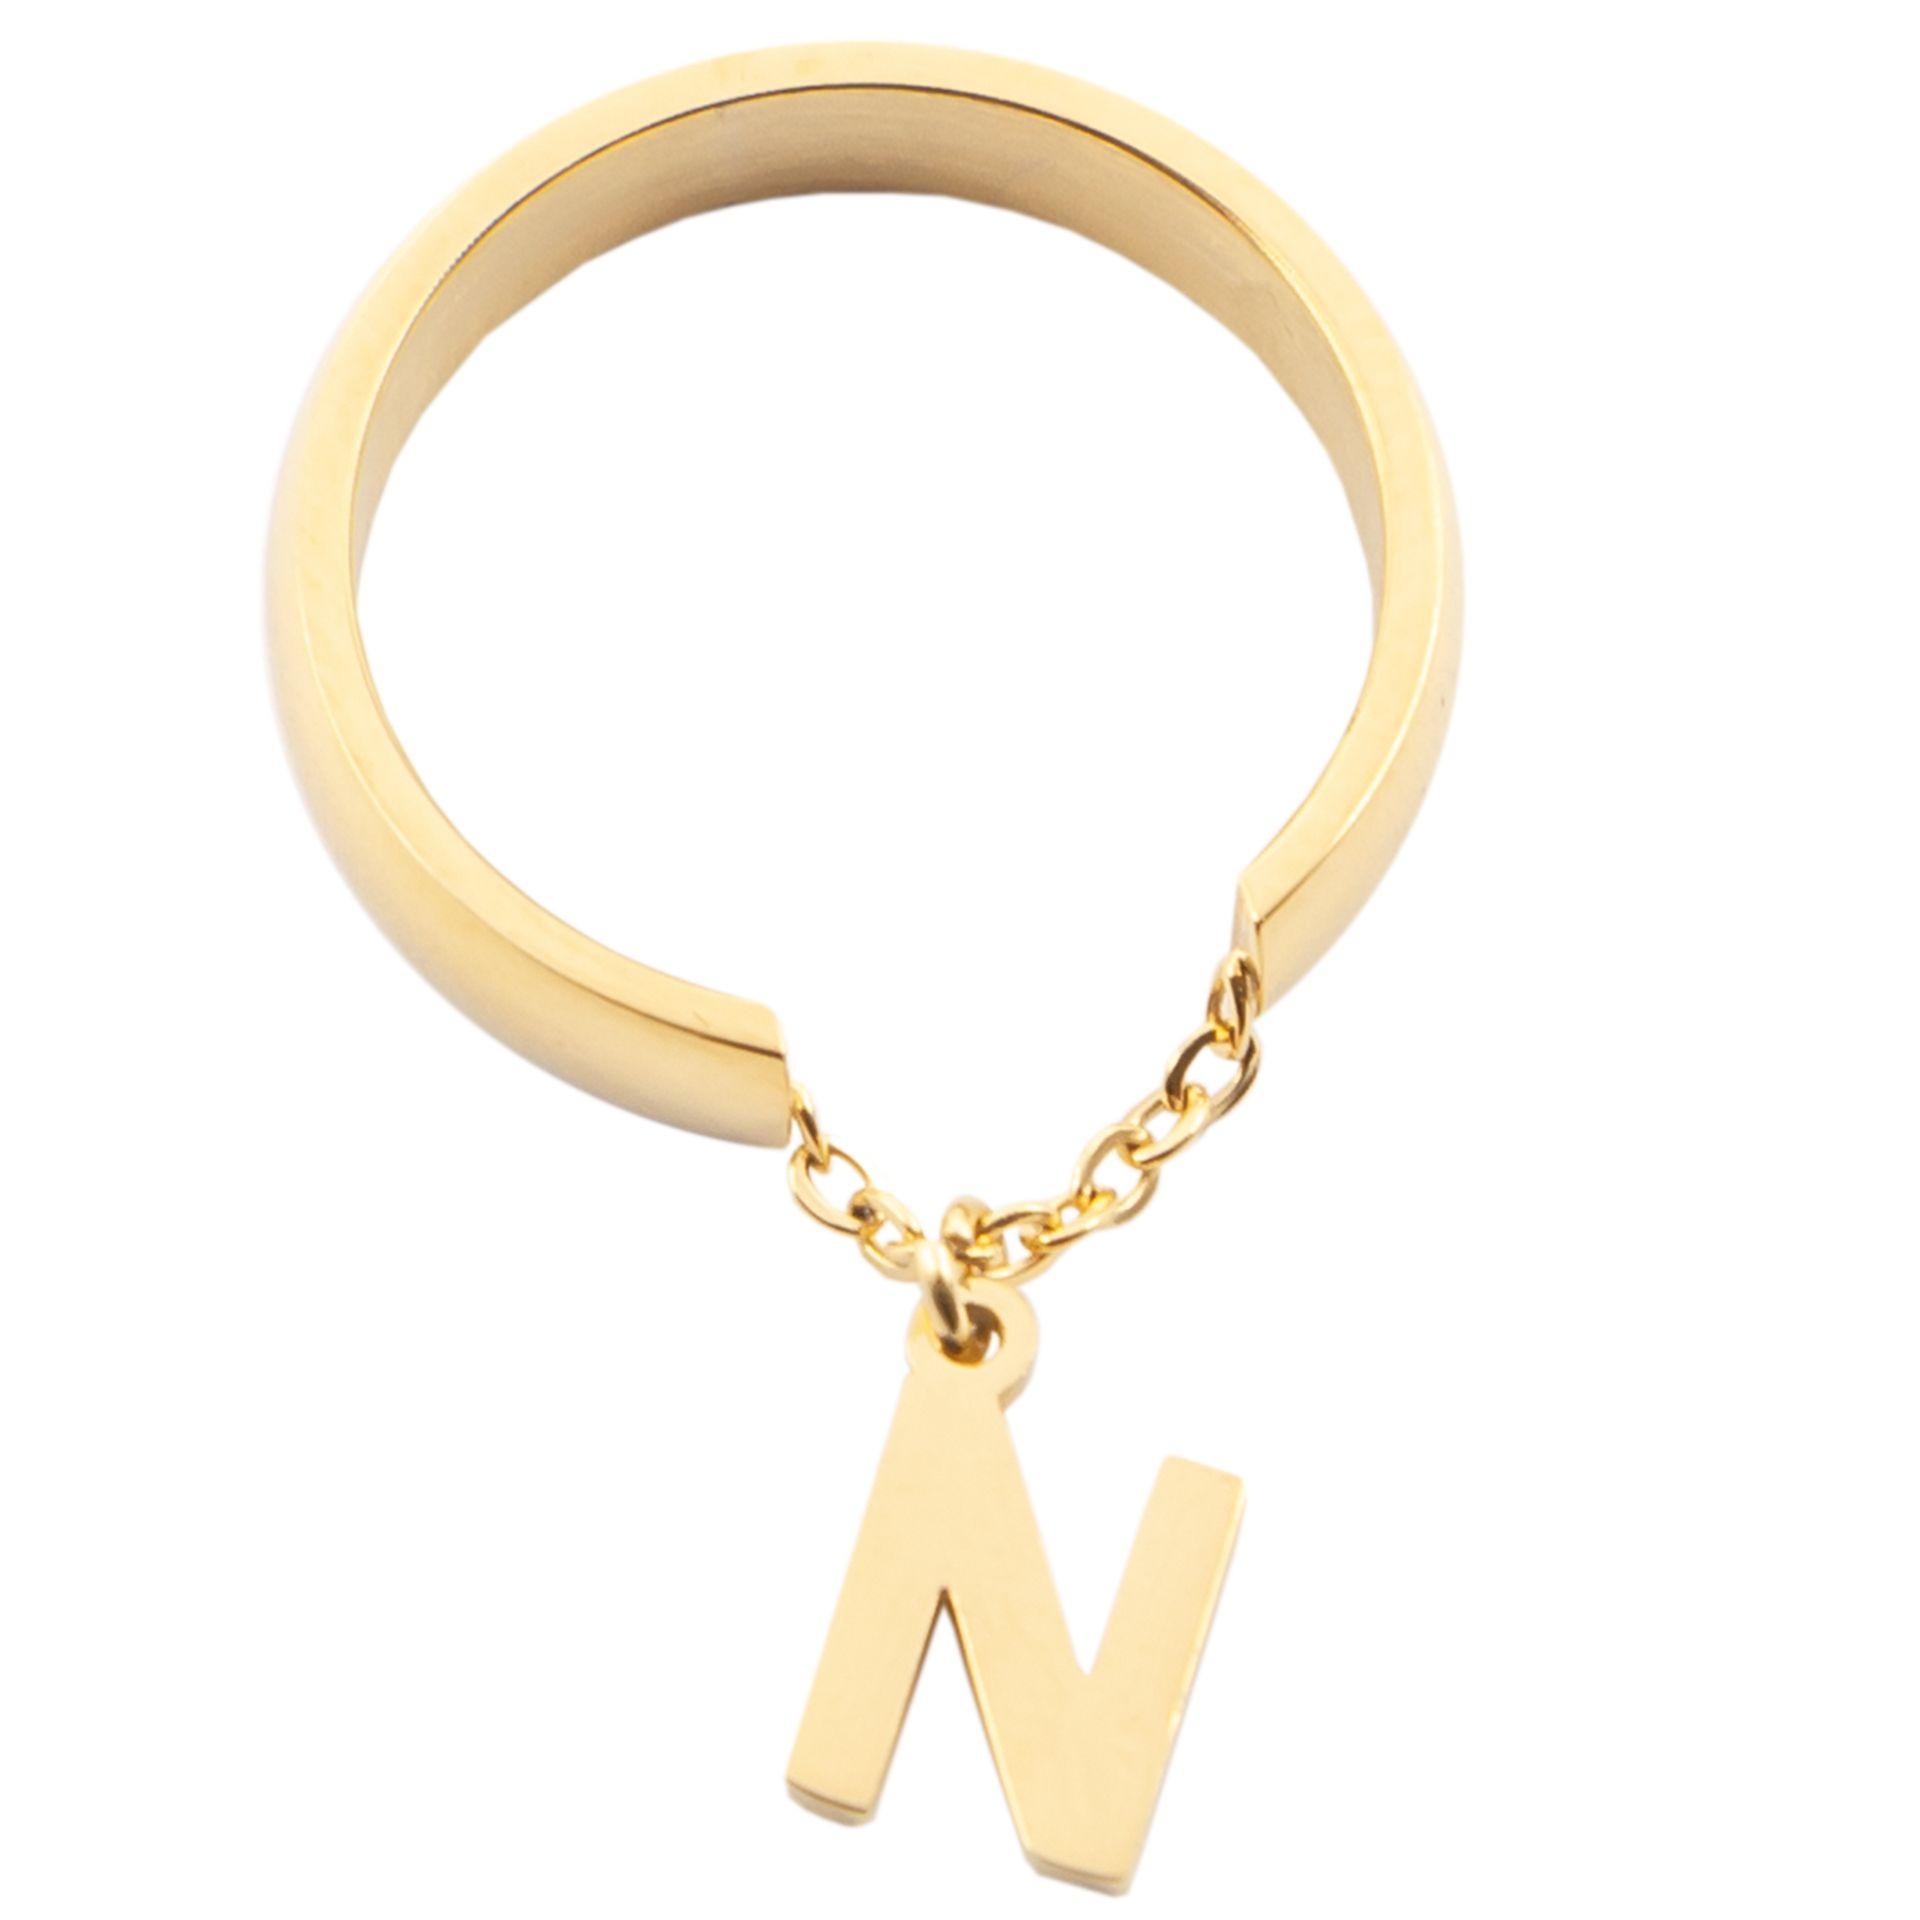 انگشتر زنانه بهارگالری طرح حرف N Https Agore Ir D8 A7 D9 86 Da Gold Necklace Necklace Gold